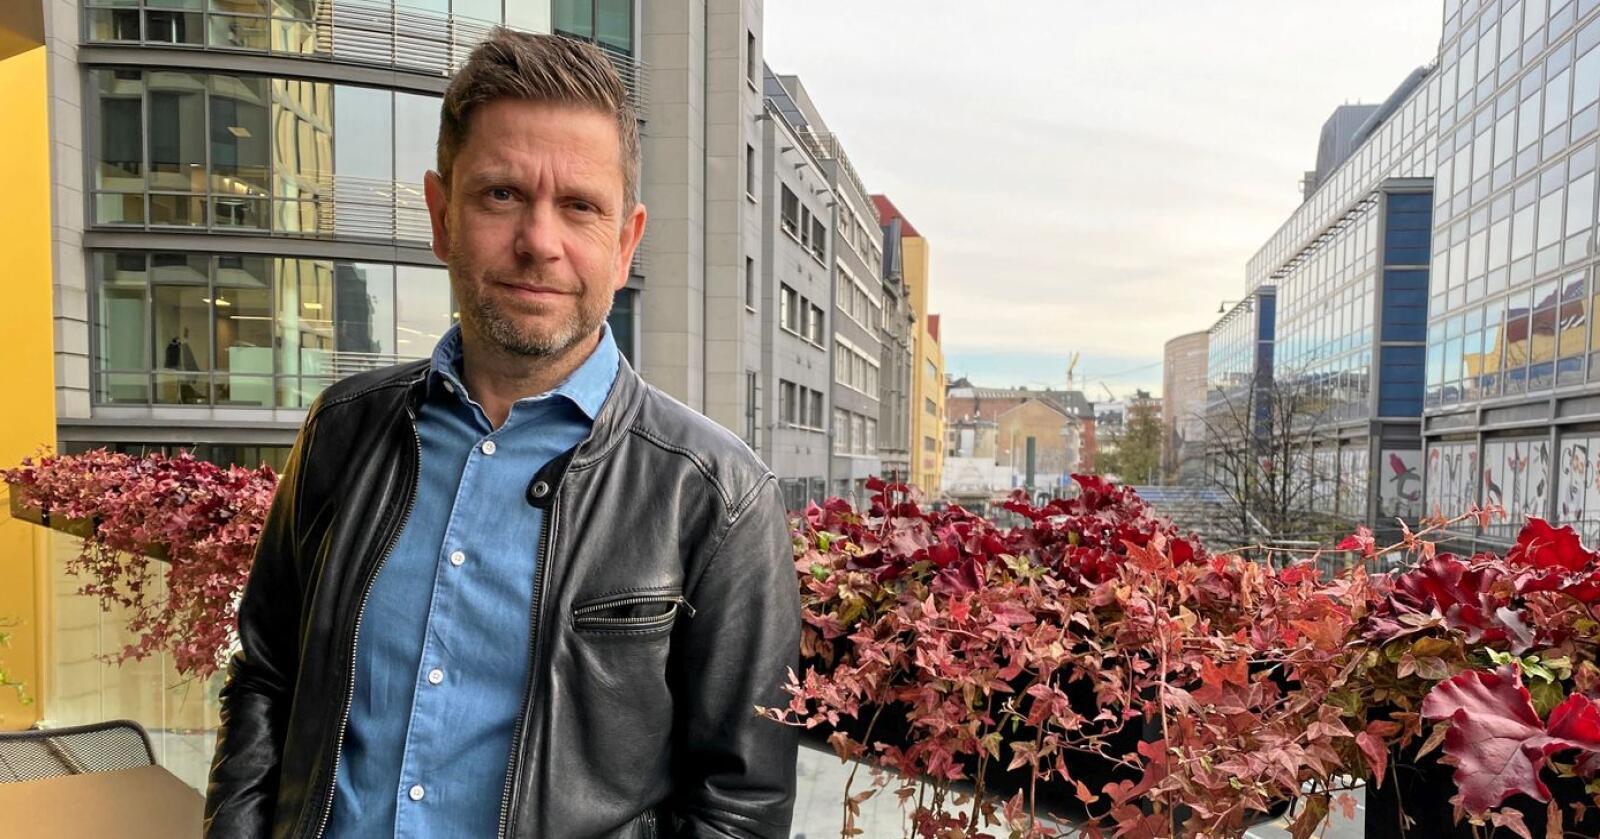 Triksing med fakta fremjar ikkje dyrevelferd, skriv Kjell Rakkenes, konserndirektør i Nortura. Foto: Tanita Kveinå